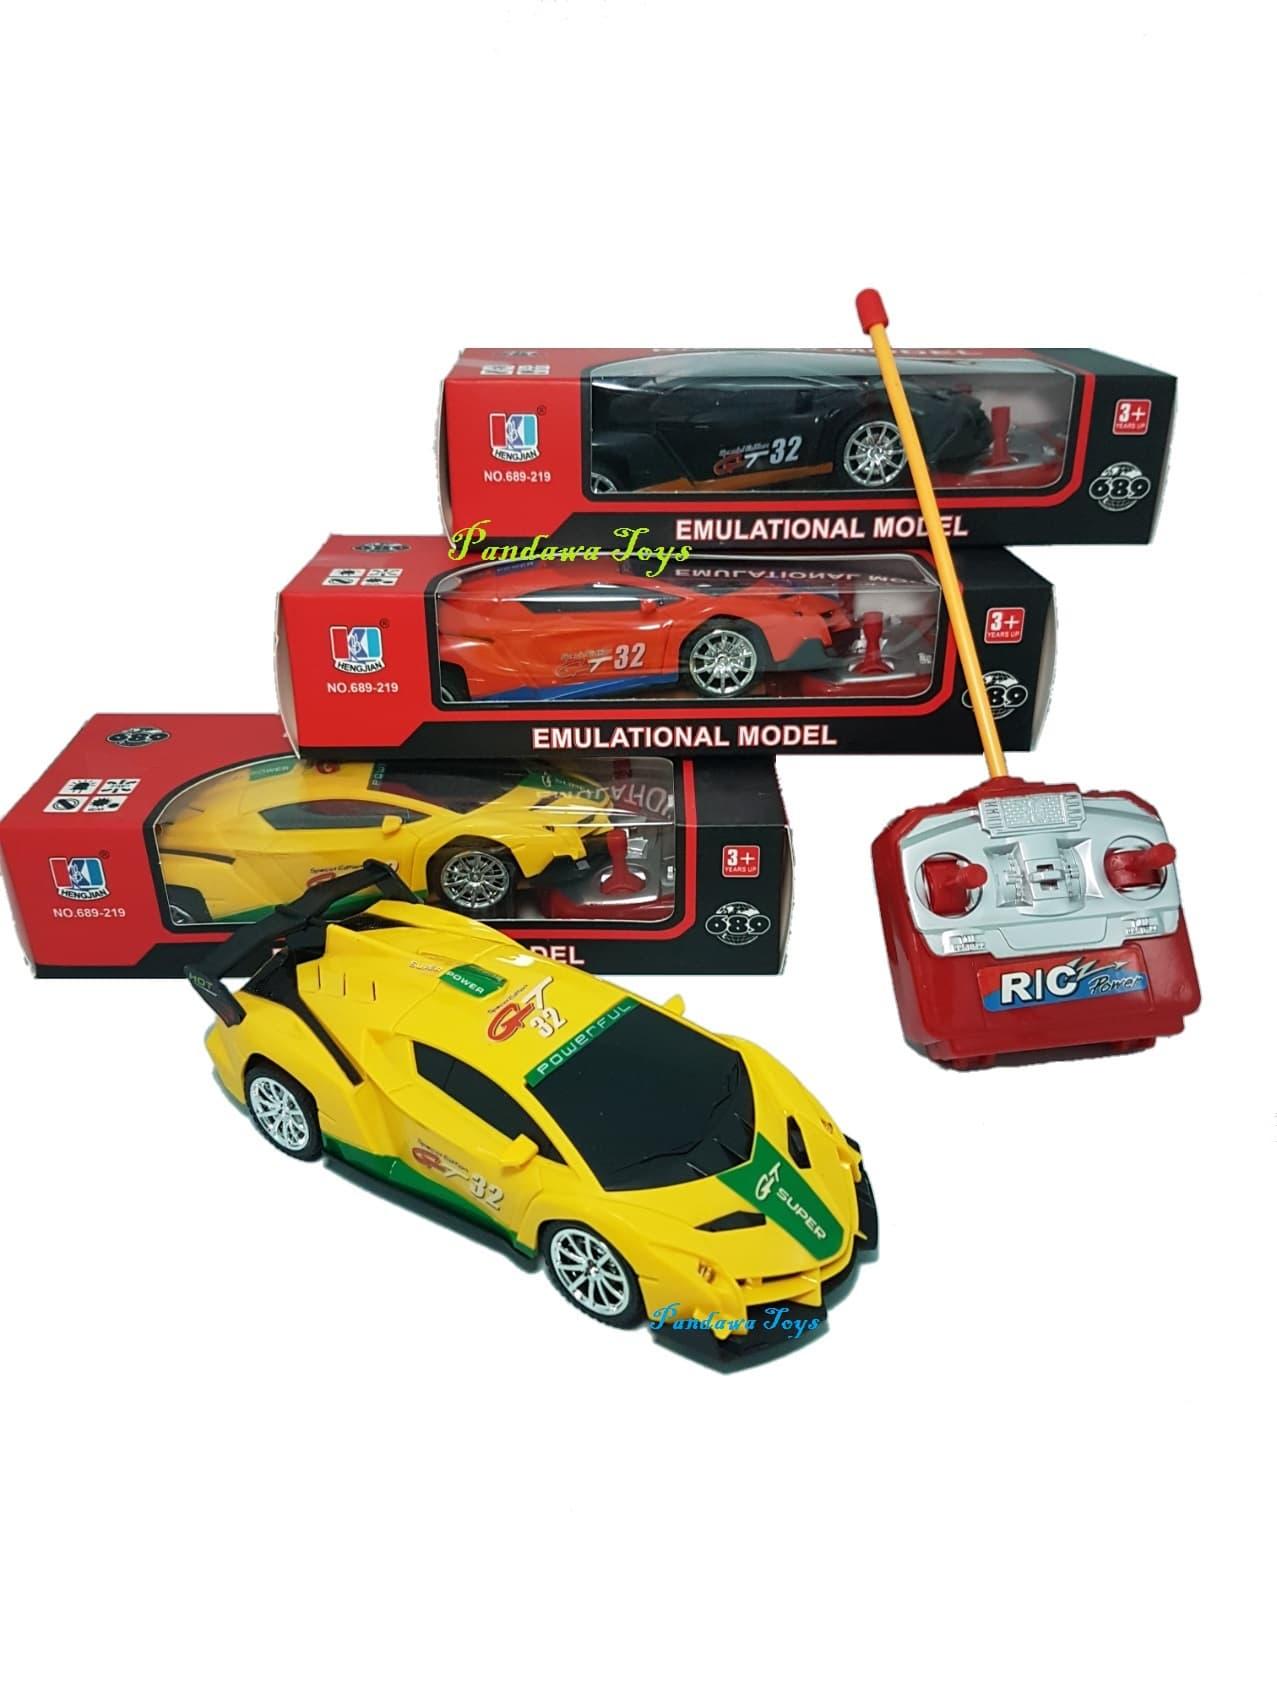 Mainan Mobil Remot Kontrol Anak Mobil Lamborghini Remote Control Bayi Hadiah Ulang Tahun Anak